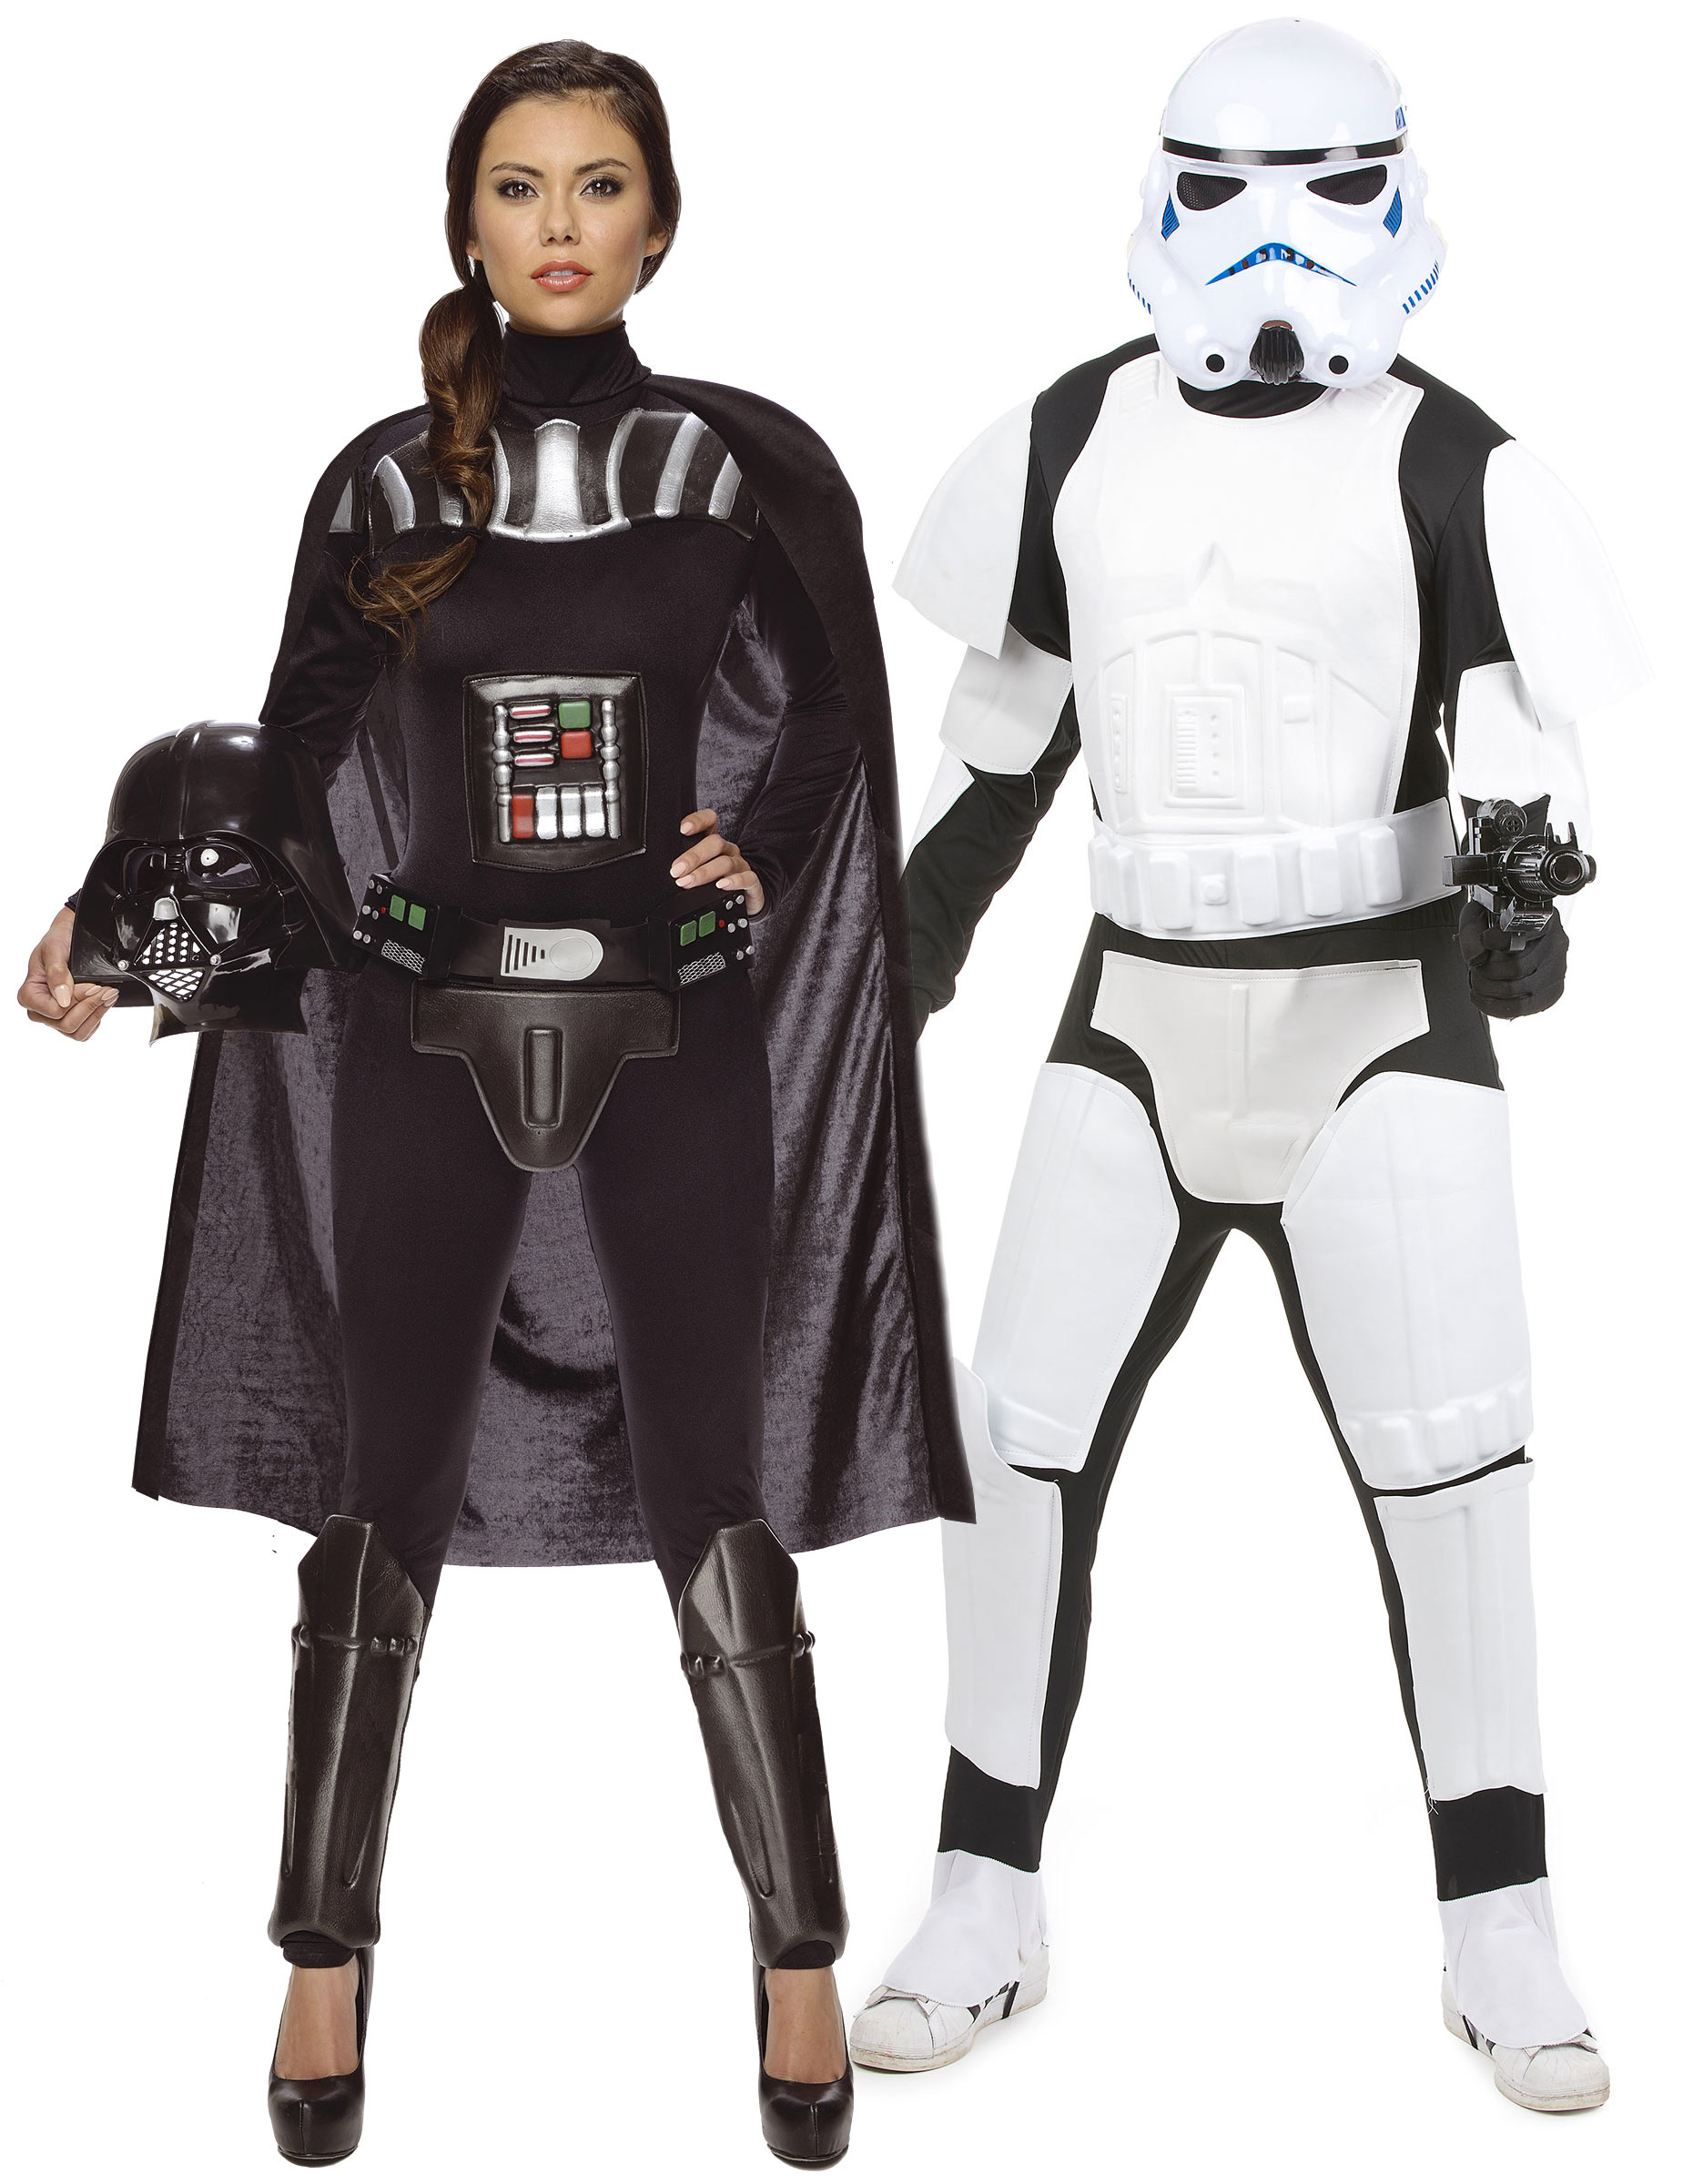 d guisement couple dark vador et stormtrooper star wars. Black Bedroom Furniture Sets. Home Design Ideas